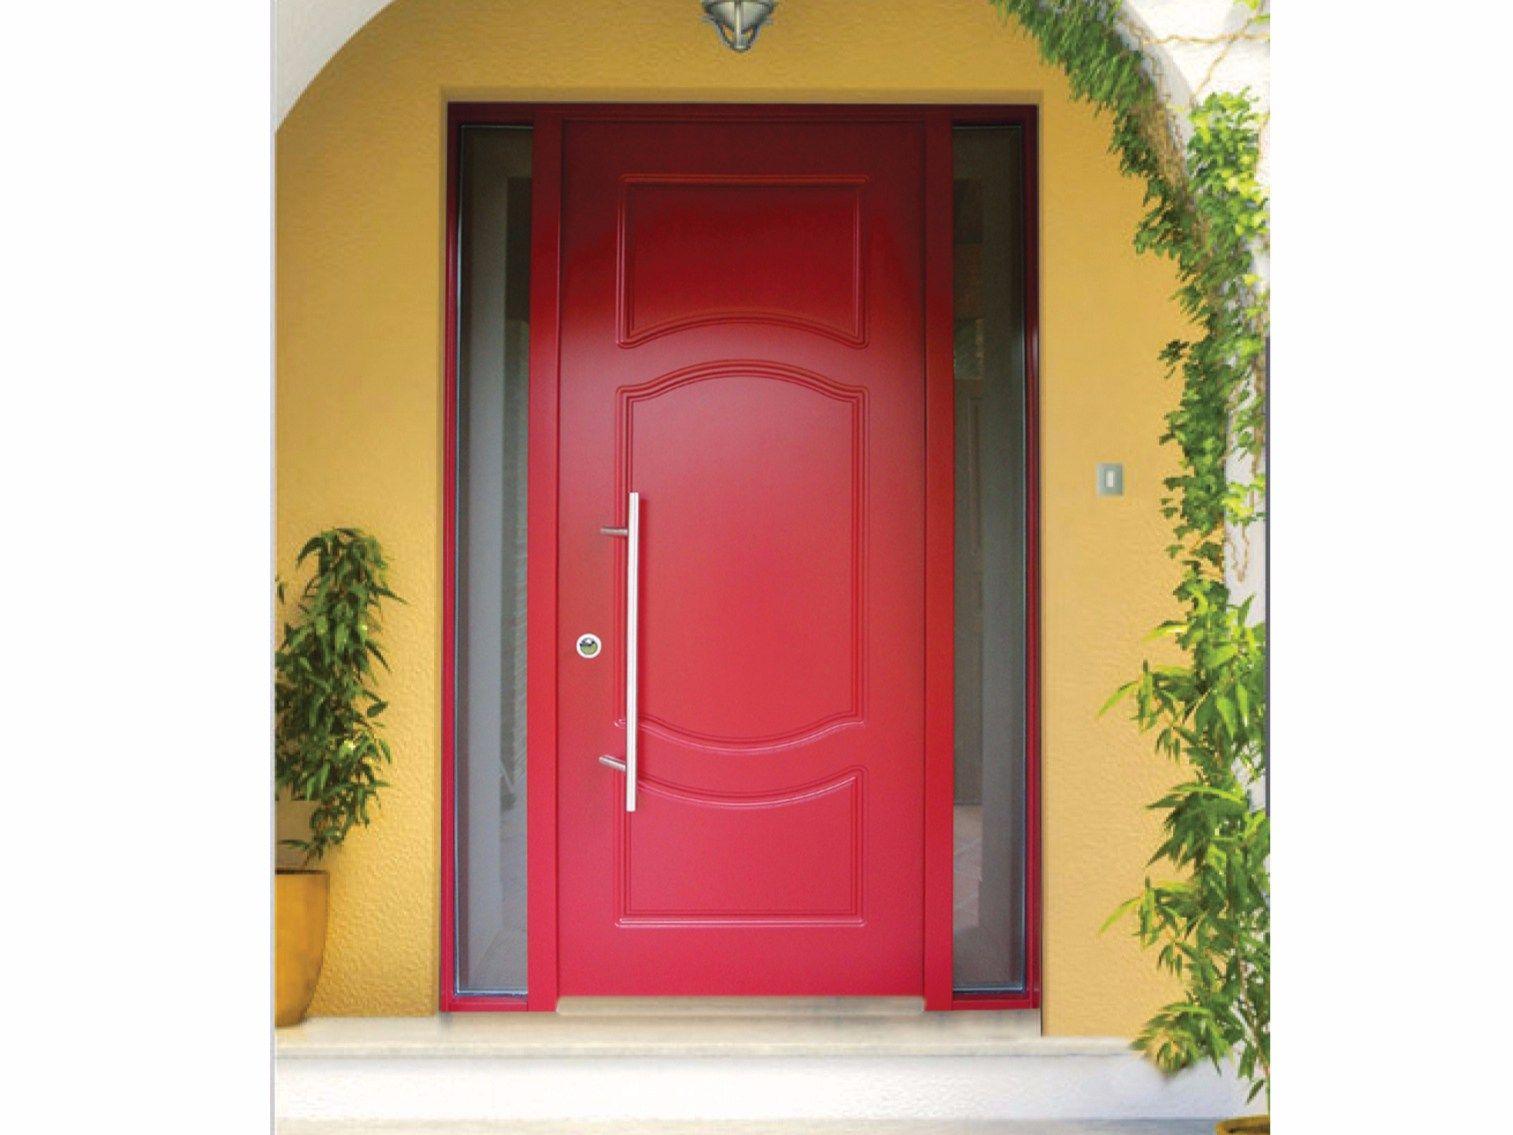 Pannello di rivestimento per porte blindate in legno - Pannello decorativo per porte ...